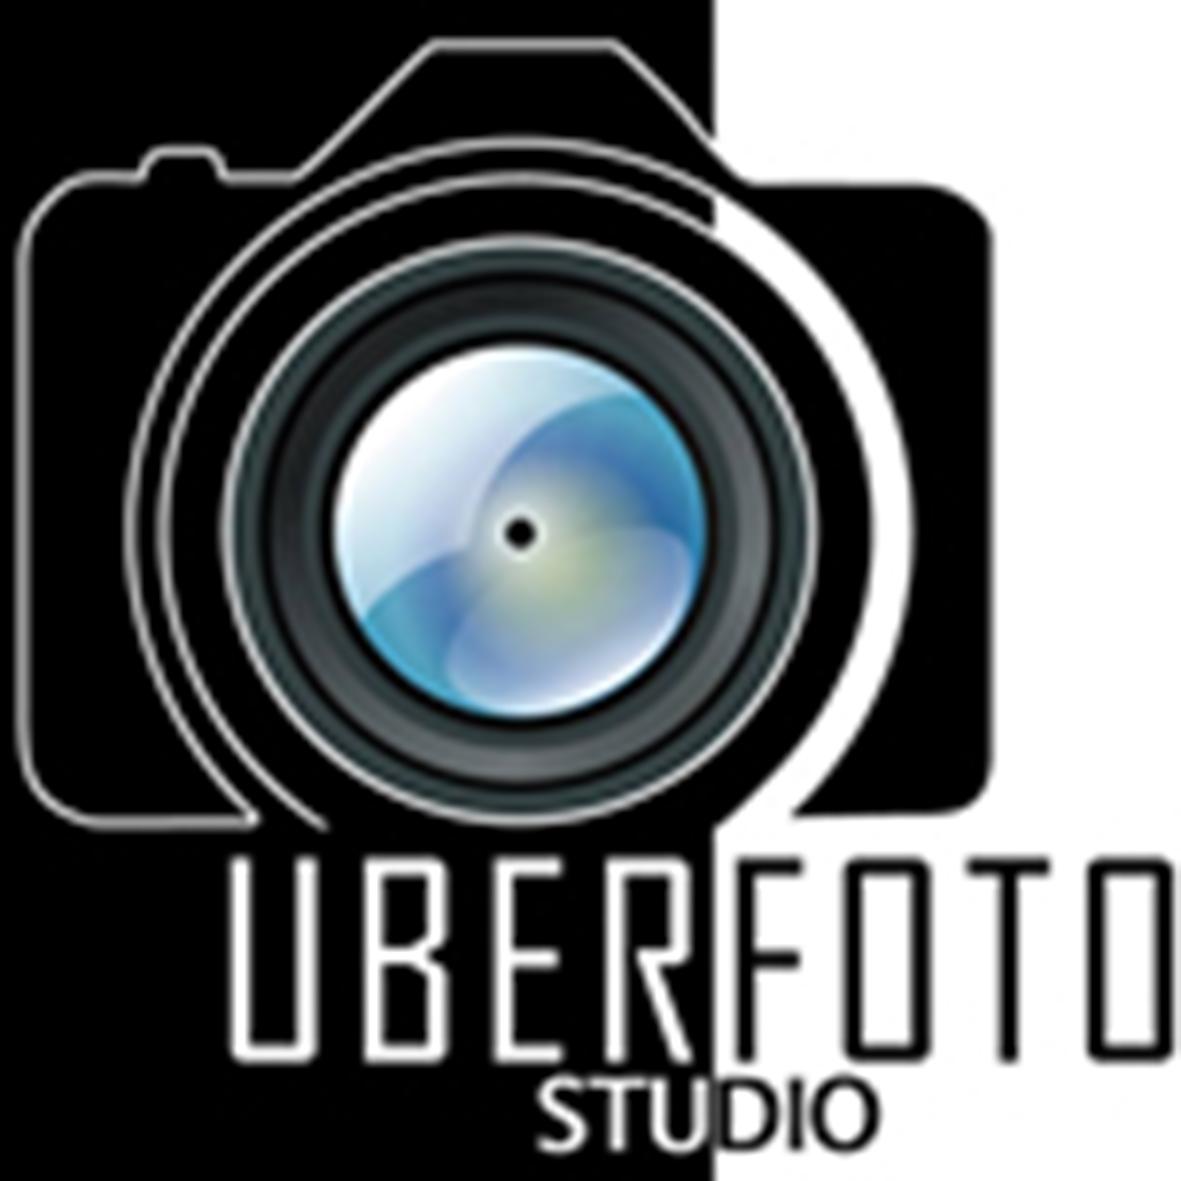 Logotipo de Maicon Vieira Alexandre